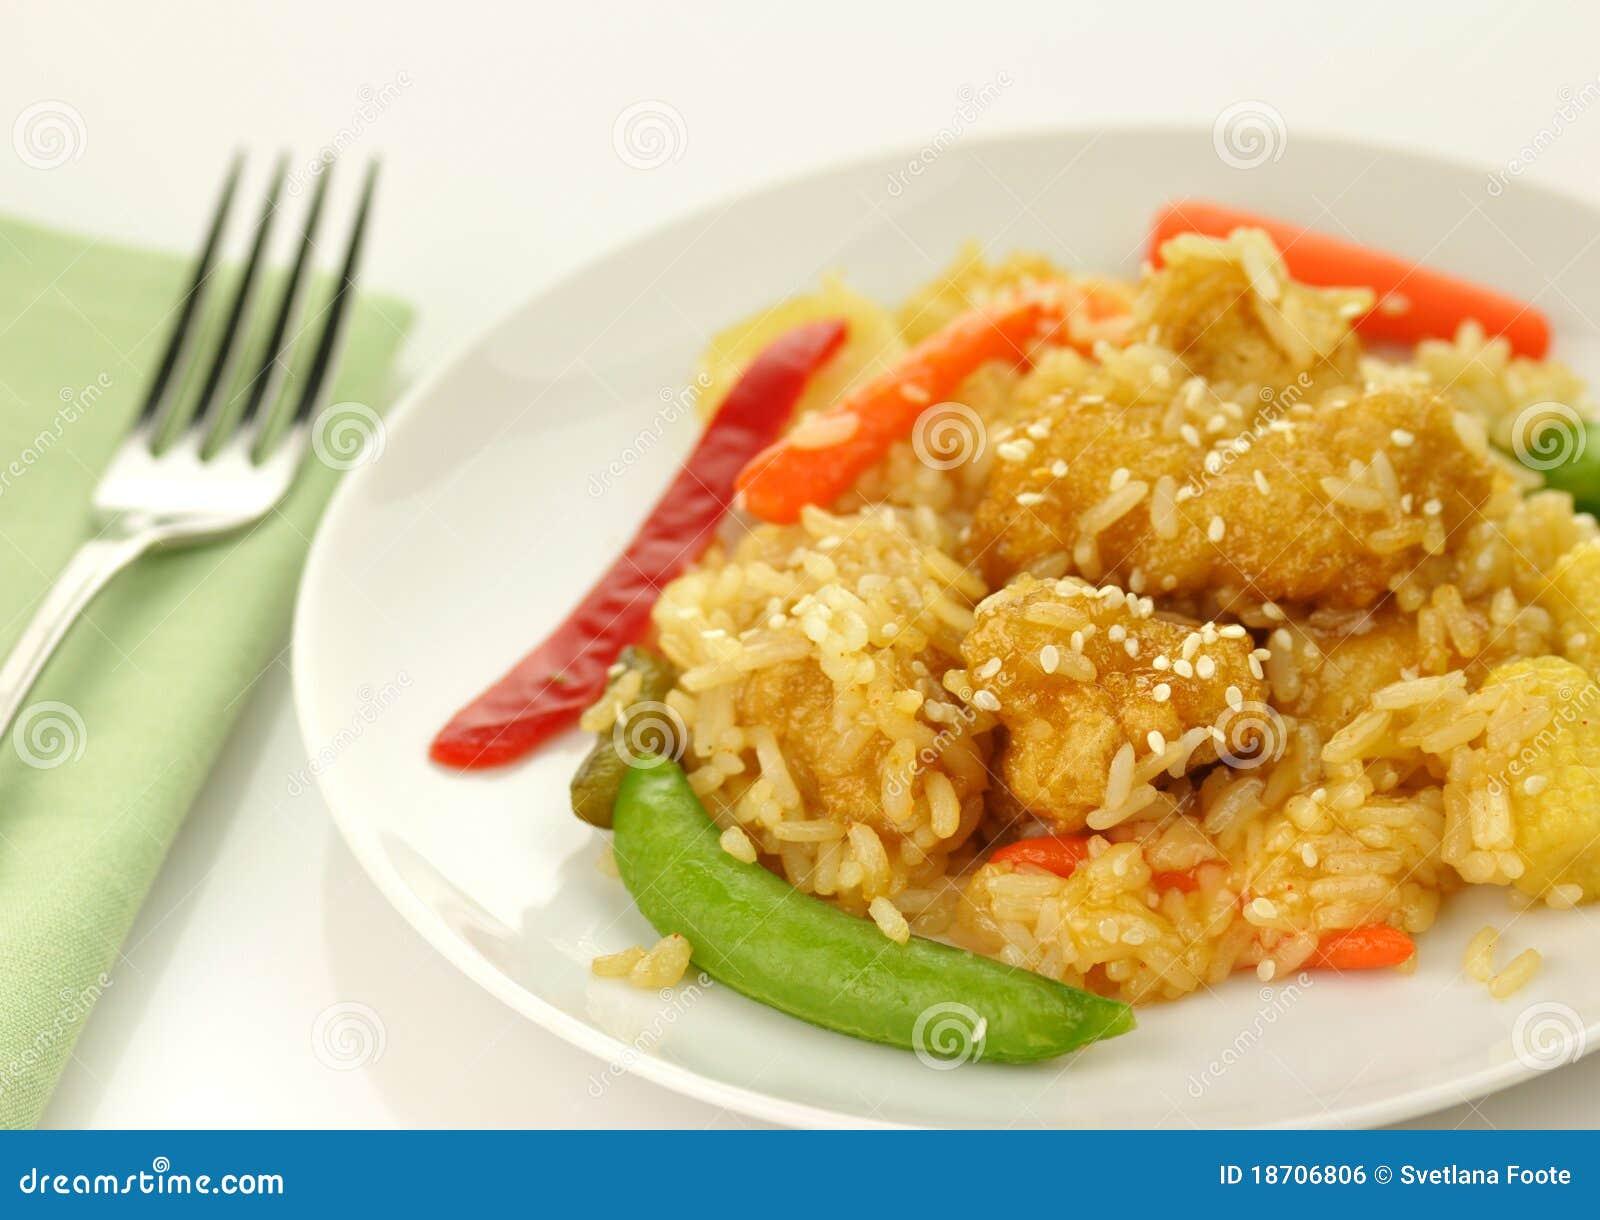 Sesame Orange Chicken Royalty Free Stock Image - Image: 18706806